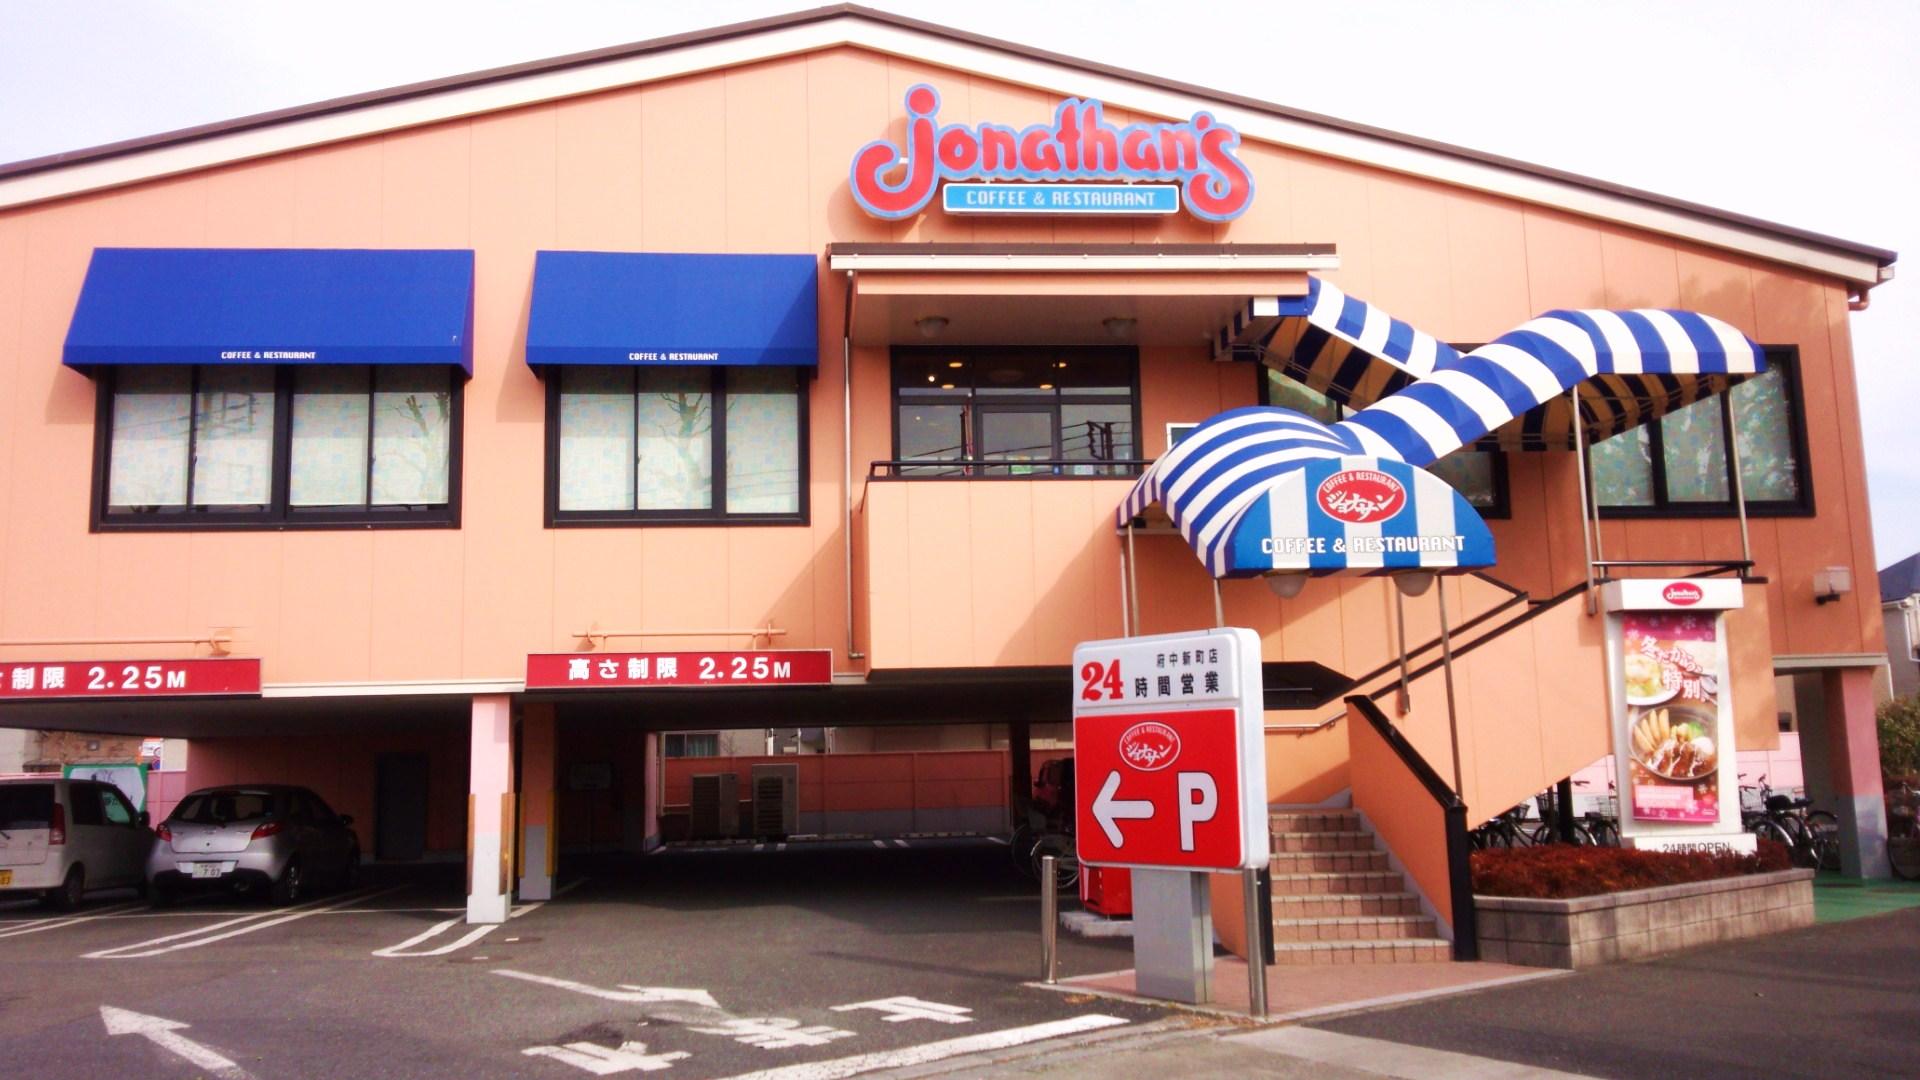 Jonathan S Restaurant